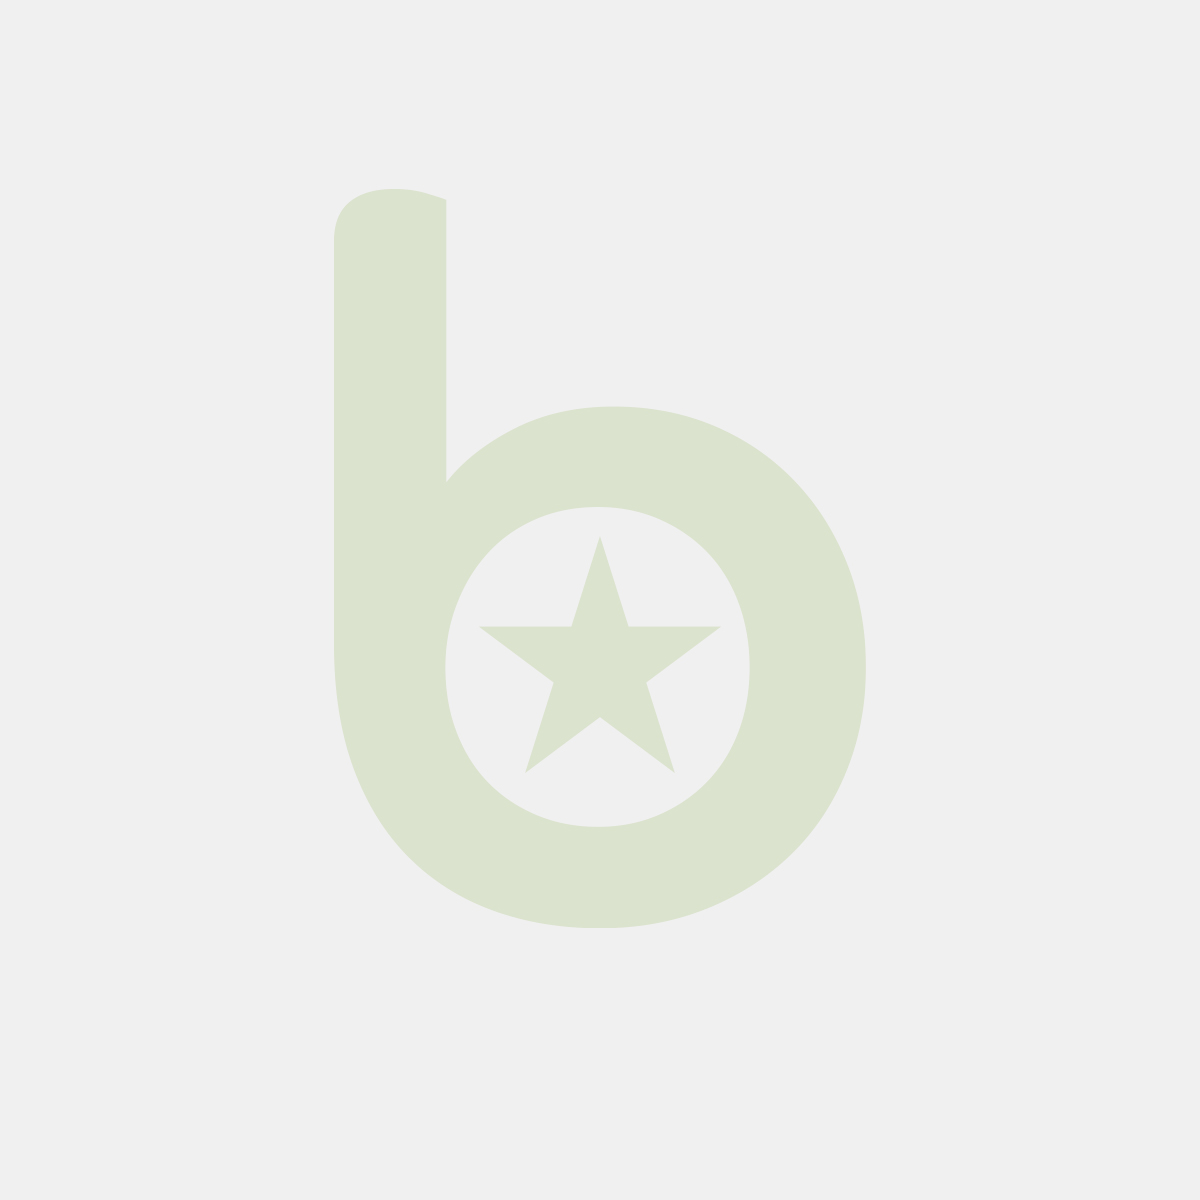 FINGERFOOD - miseczka PS biała 10x9x7,4 op. 50 sztuk